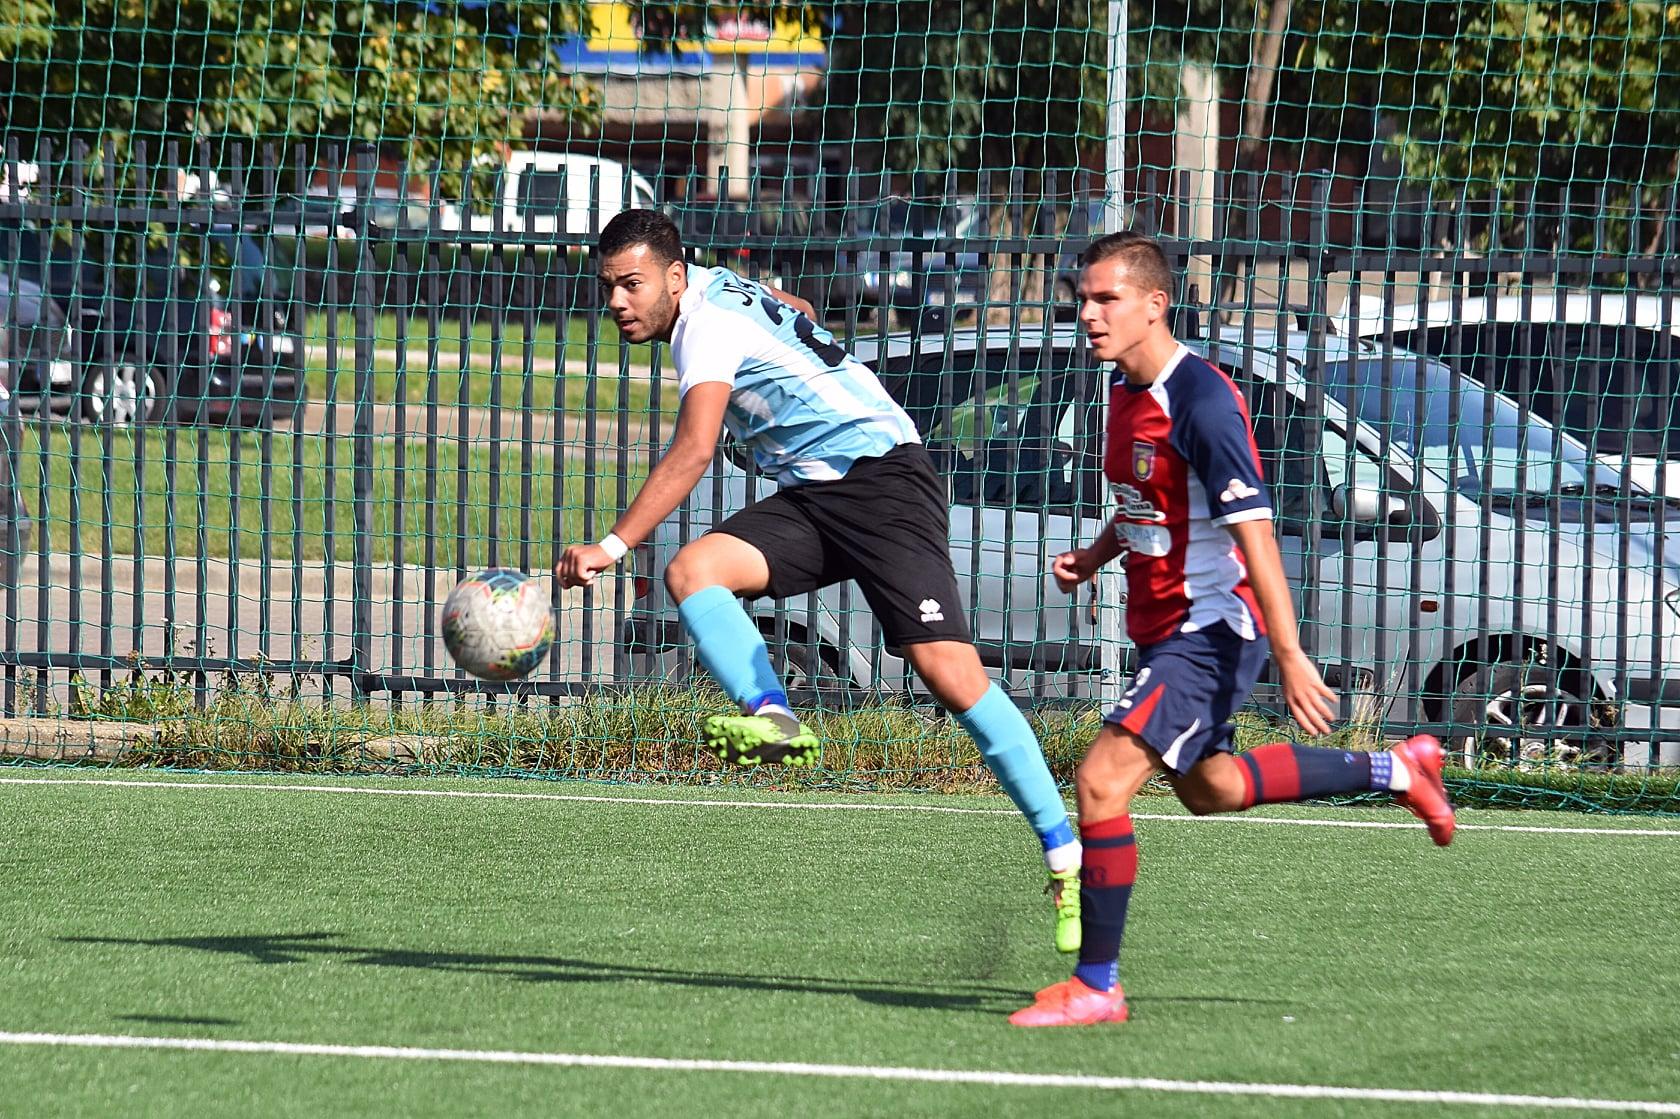 FOTO: Facebook FK Jonava / Robert Bolozan (stânga), jucător legitimat la Jonava, centrează într-un meci din liga a doua a Lituaniei